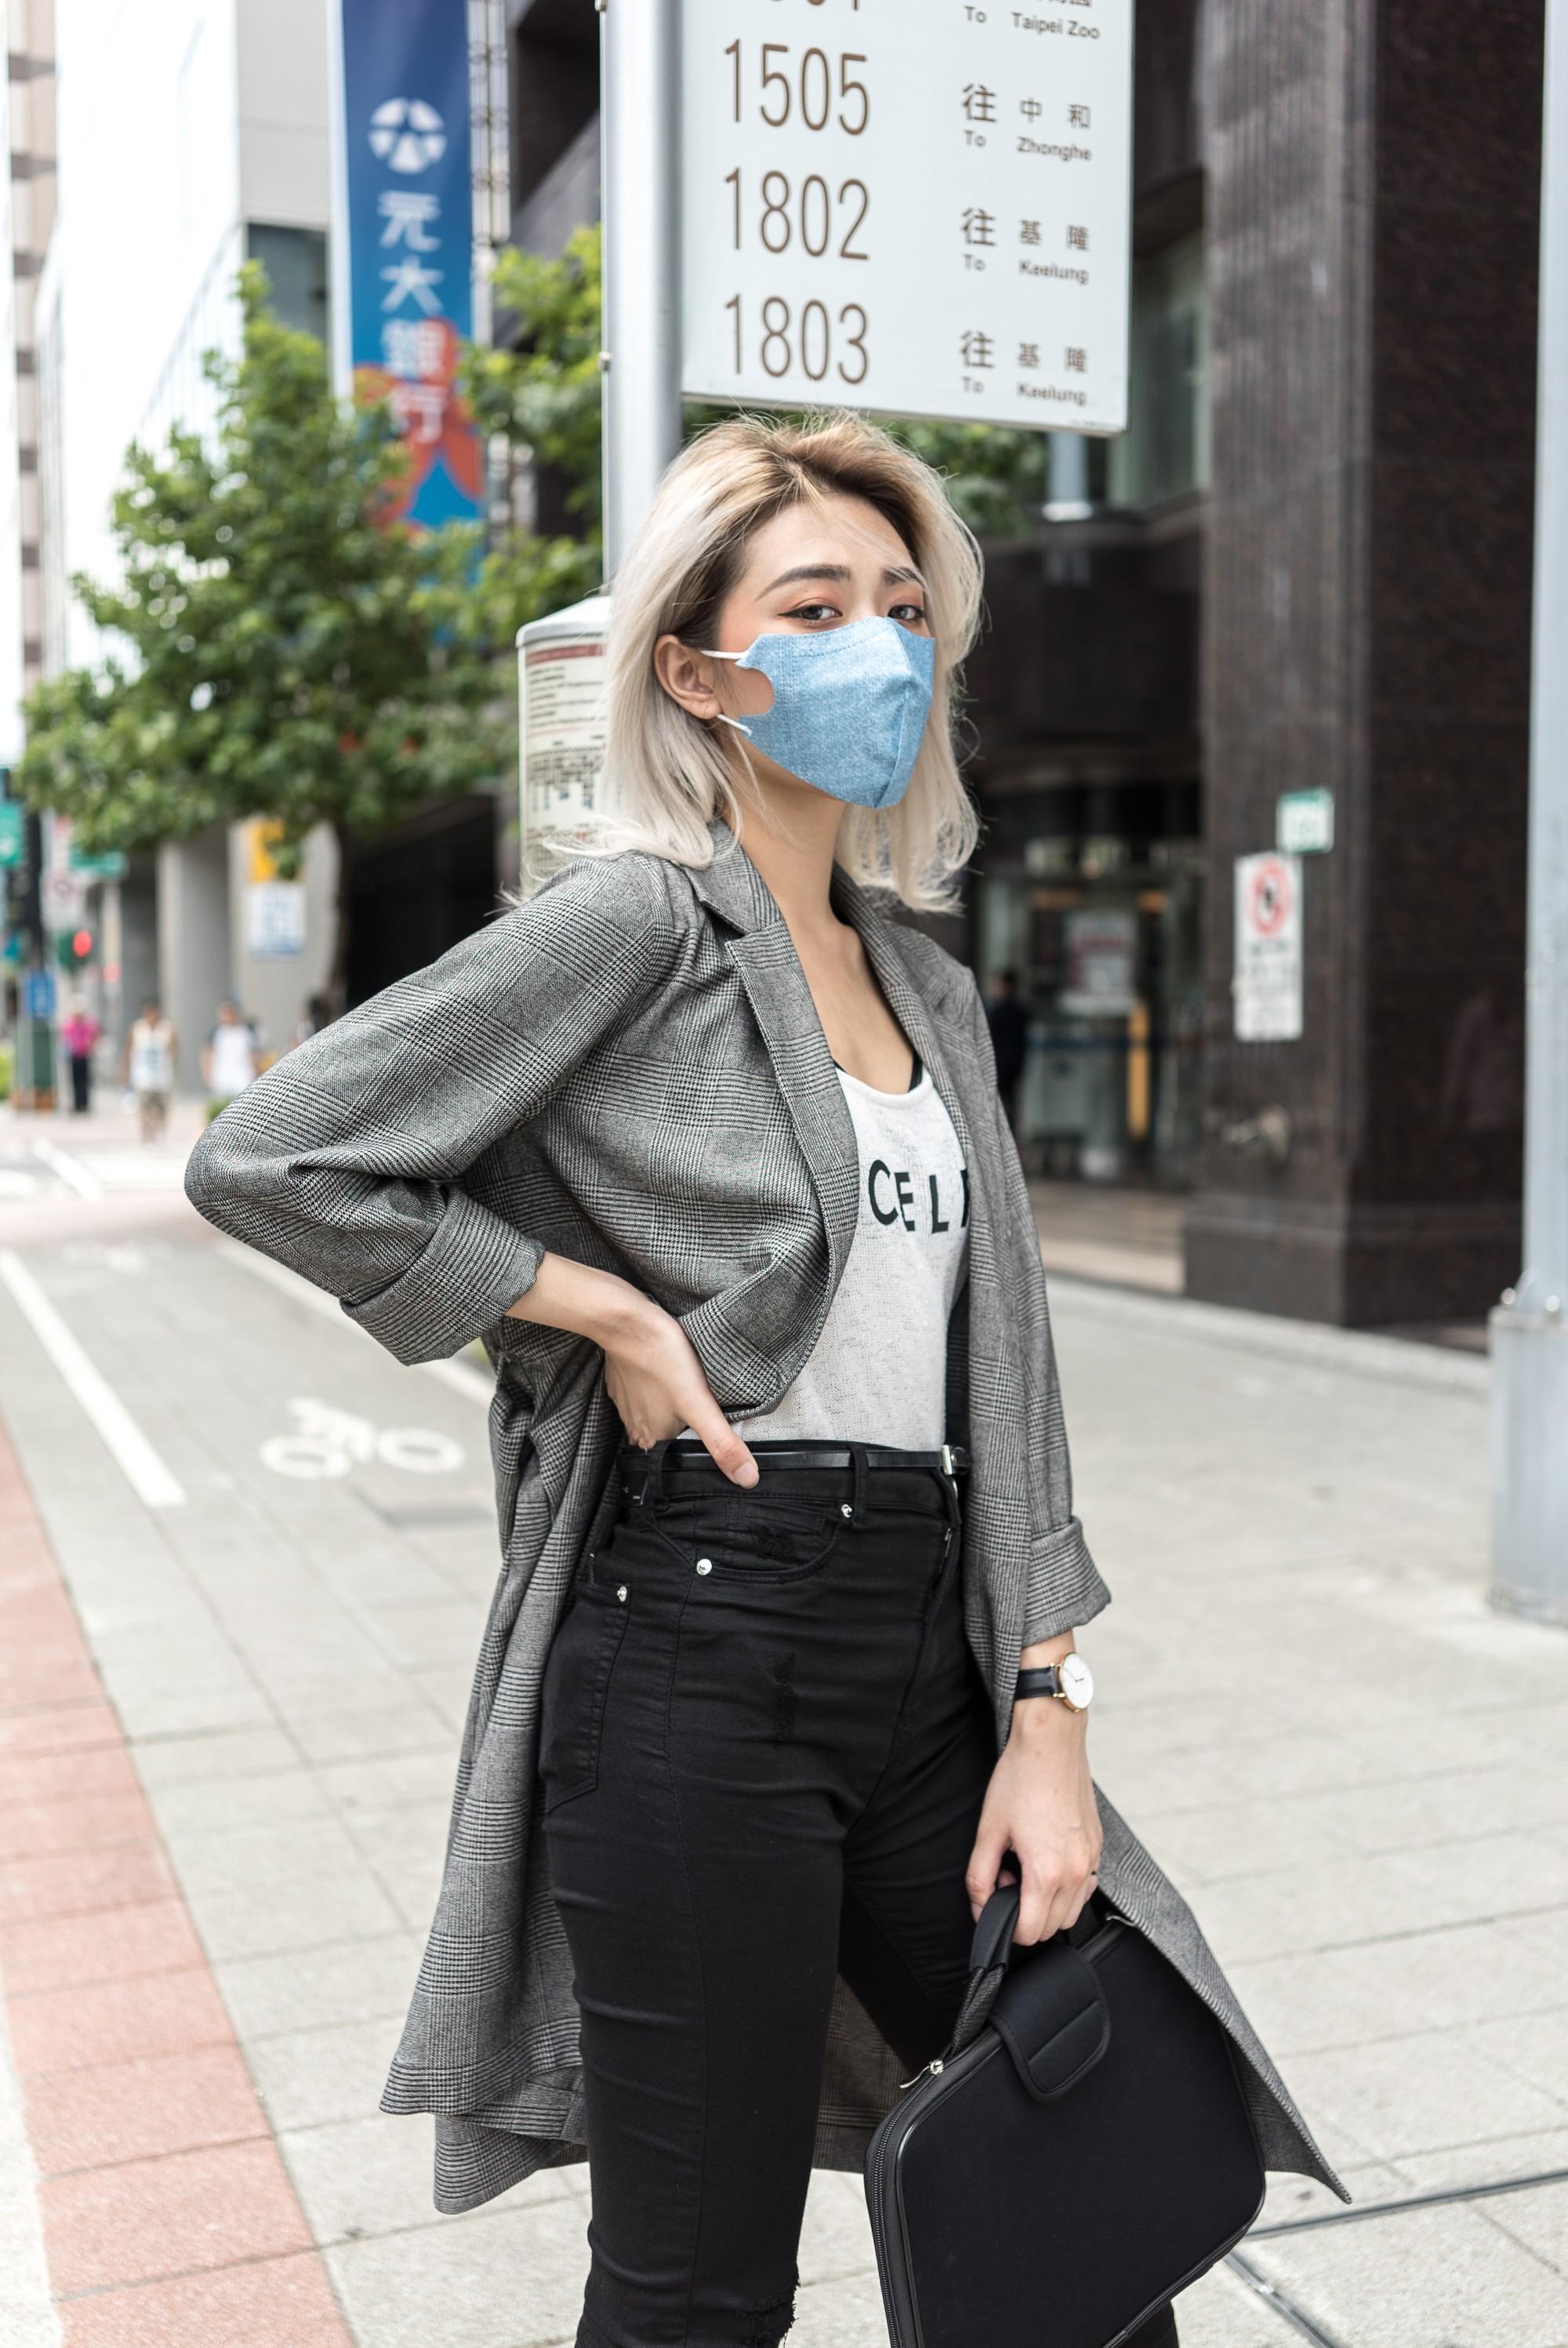 Giới trẻ châu Á đeo khẩu trang ngày một nhiều nhưng không phải để che bụi hay do bị cảm mà để trông... chất hơn - Ảnh 5.